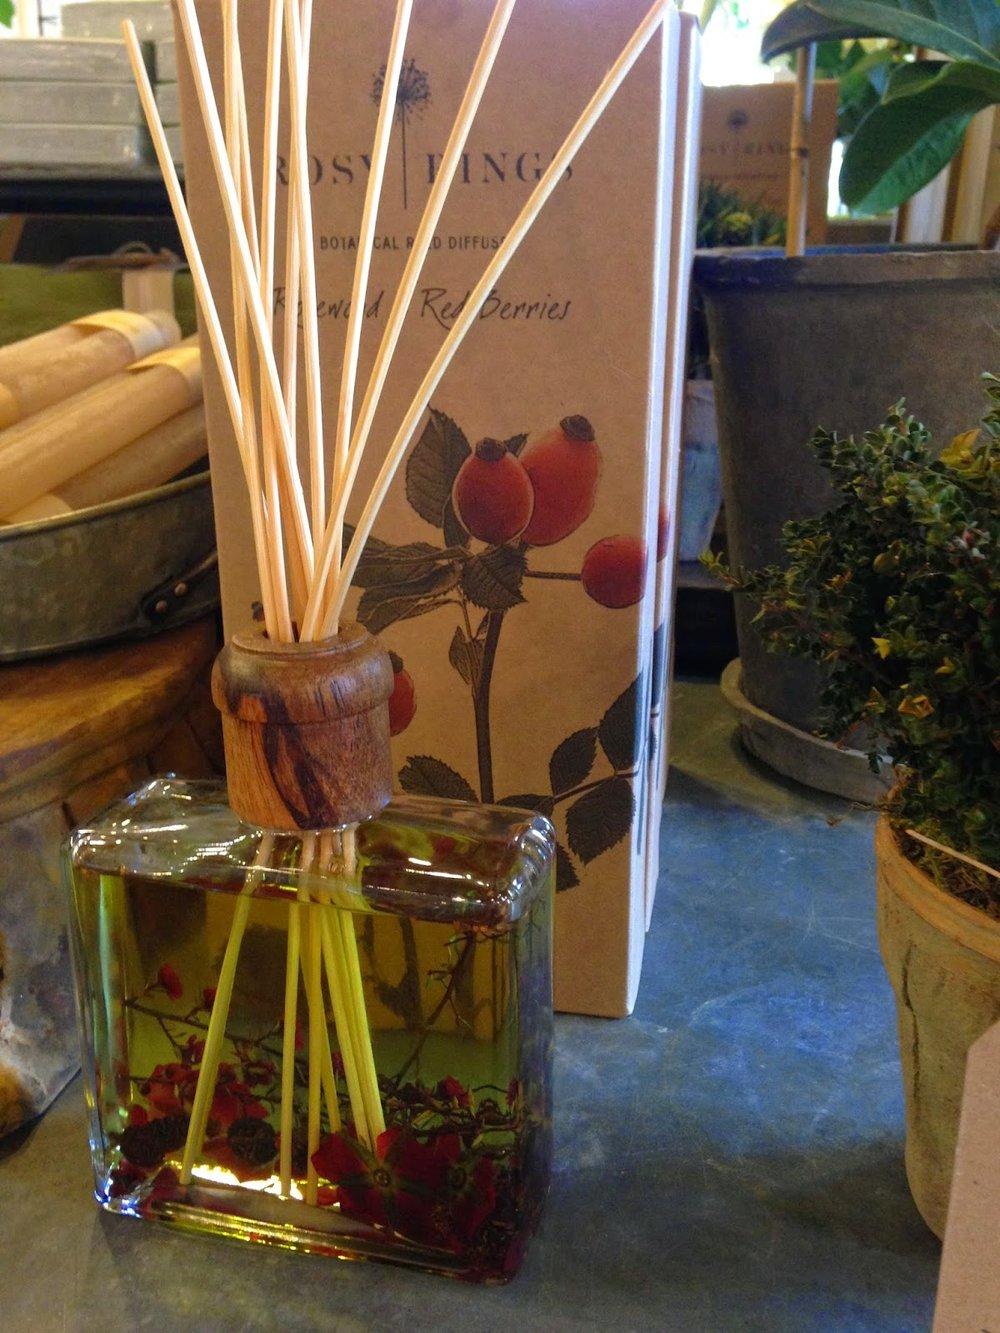 les fleurs : andover florist, floral shop, garden floral store : rosy rings : oil diffuser